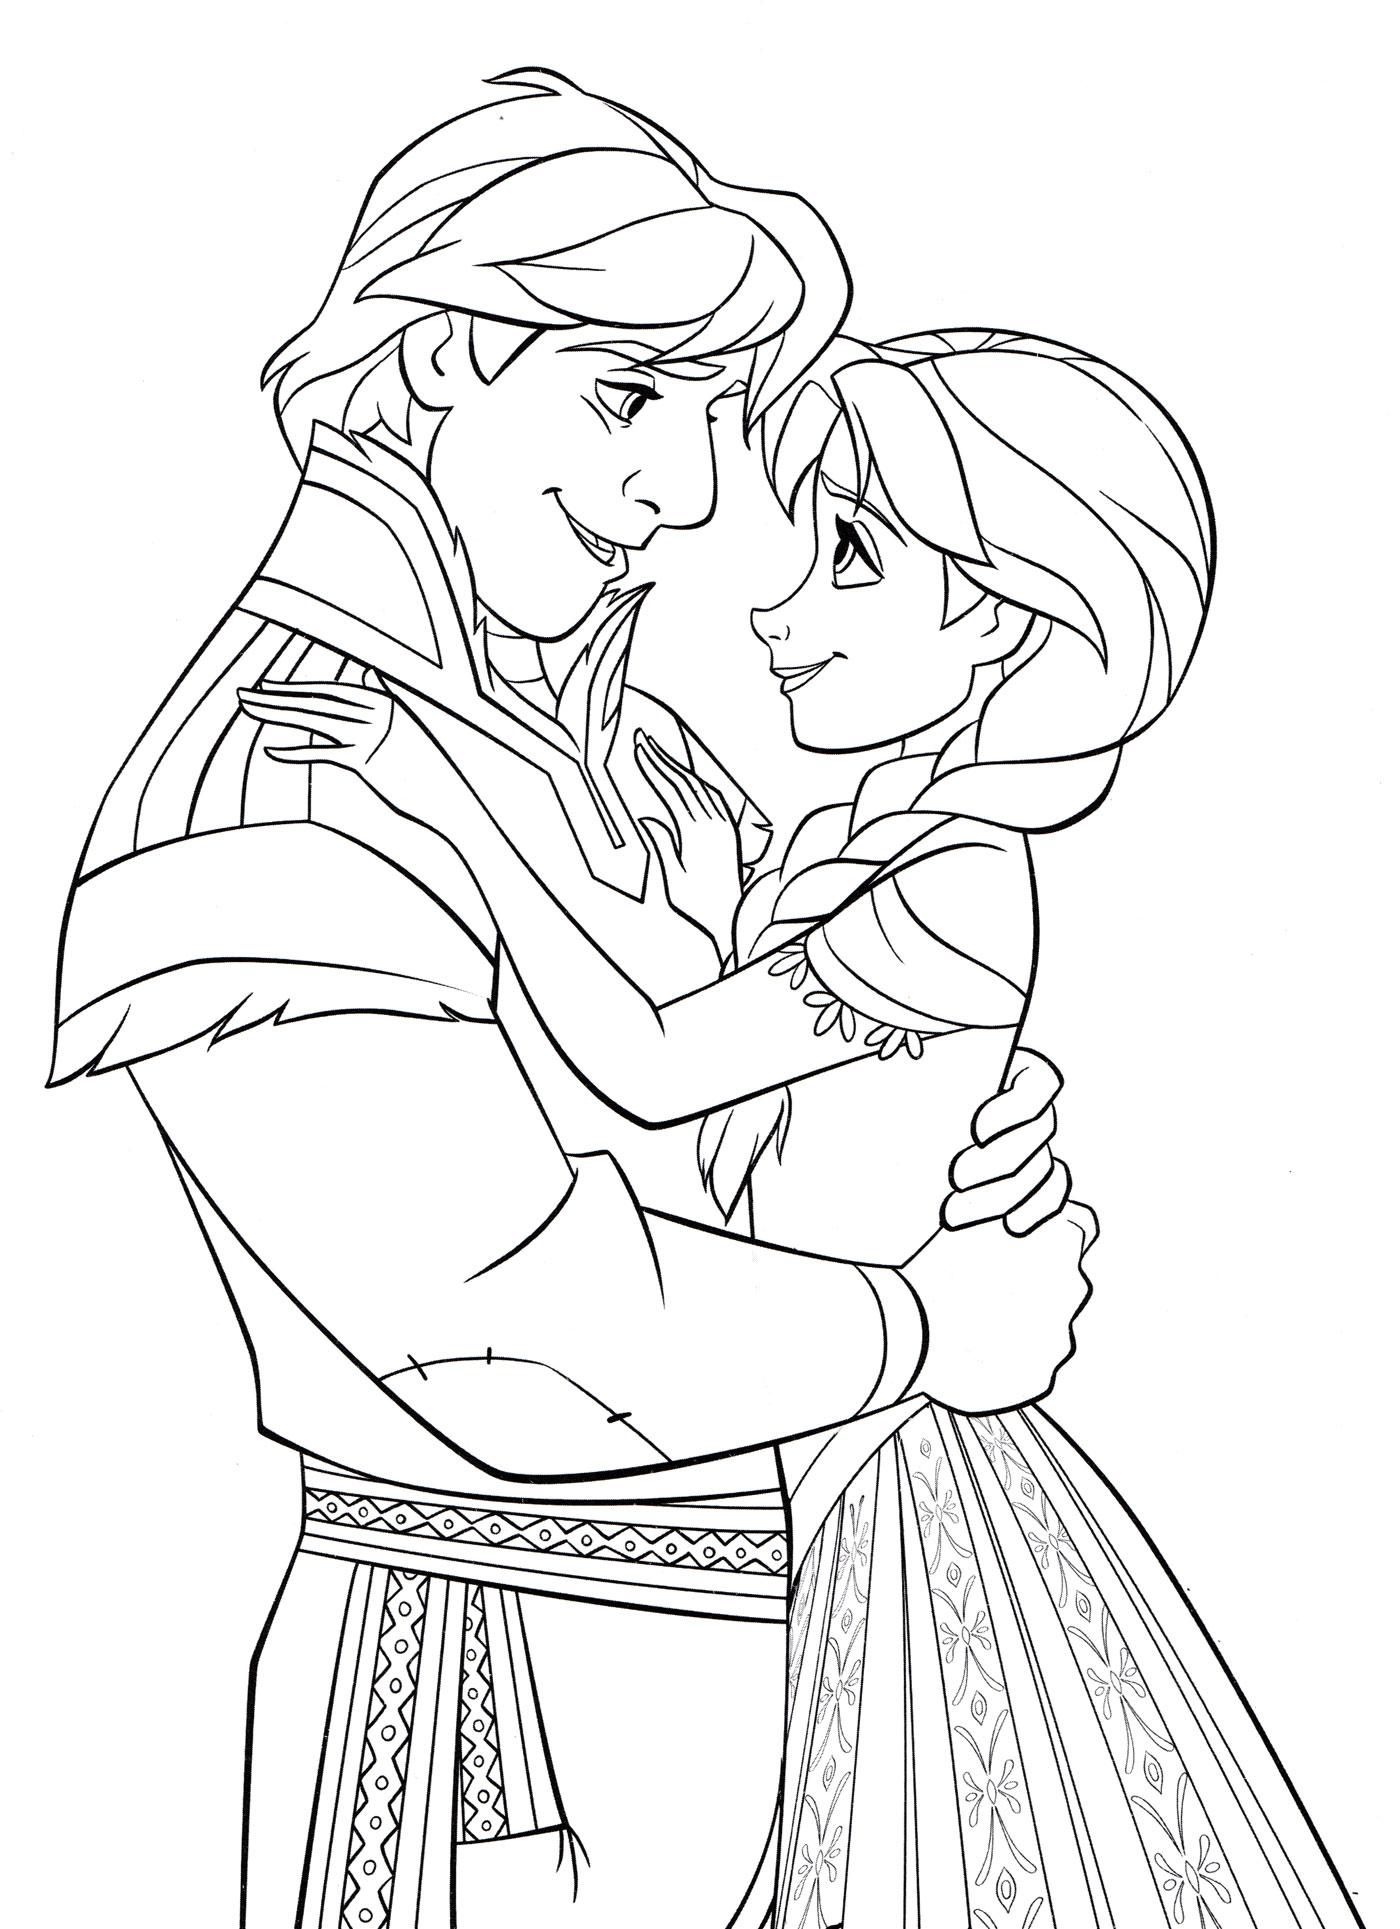 Раскраска Анна и Христоф обнимаются